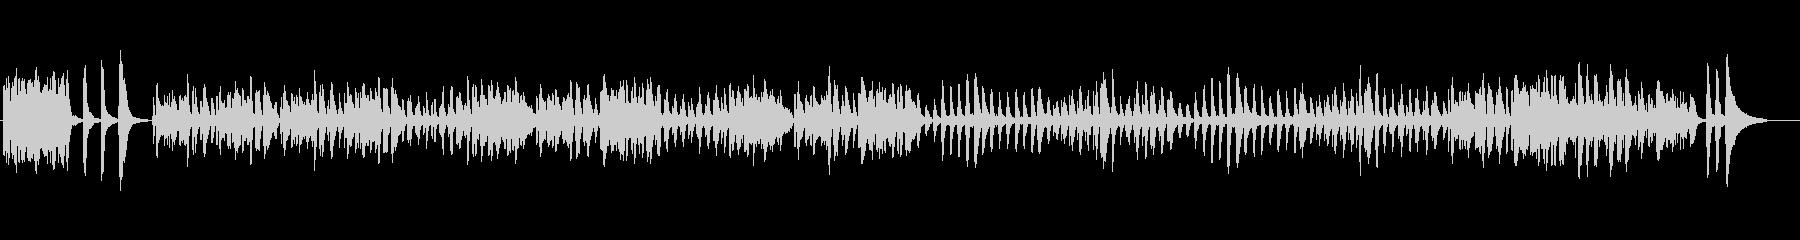 ブルグミュラーの「タランテラ」の未再生の波形